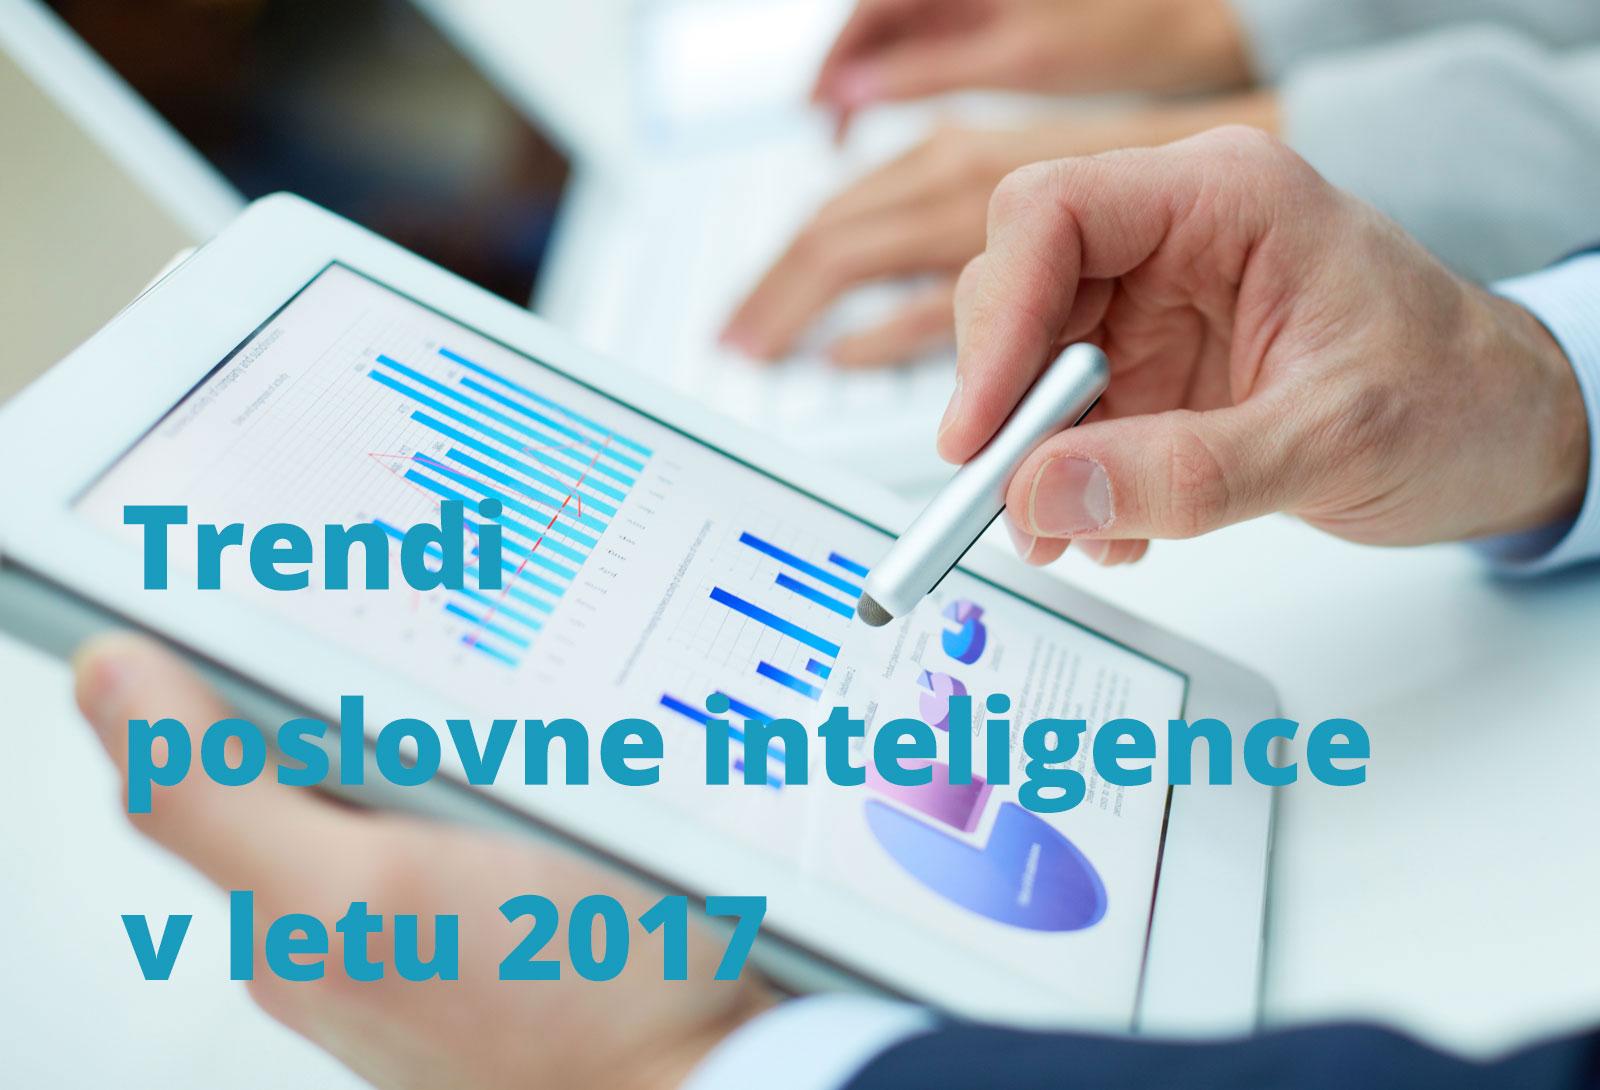 Podatkovna pismenost je BI trend 2017